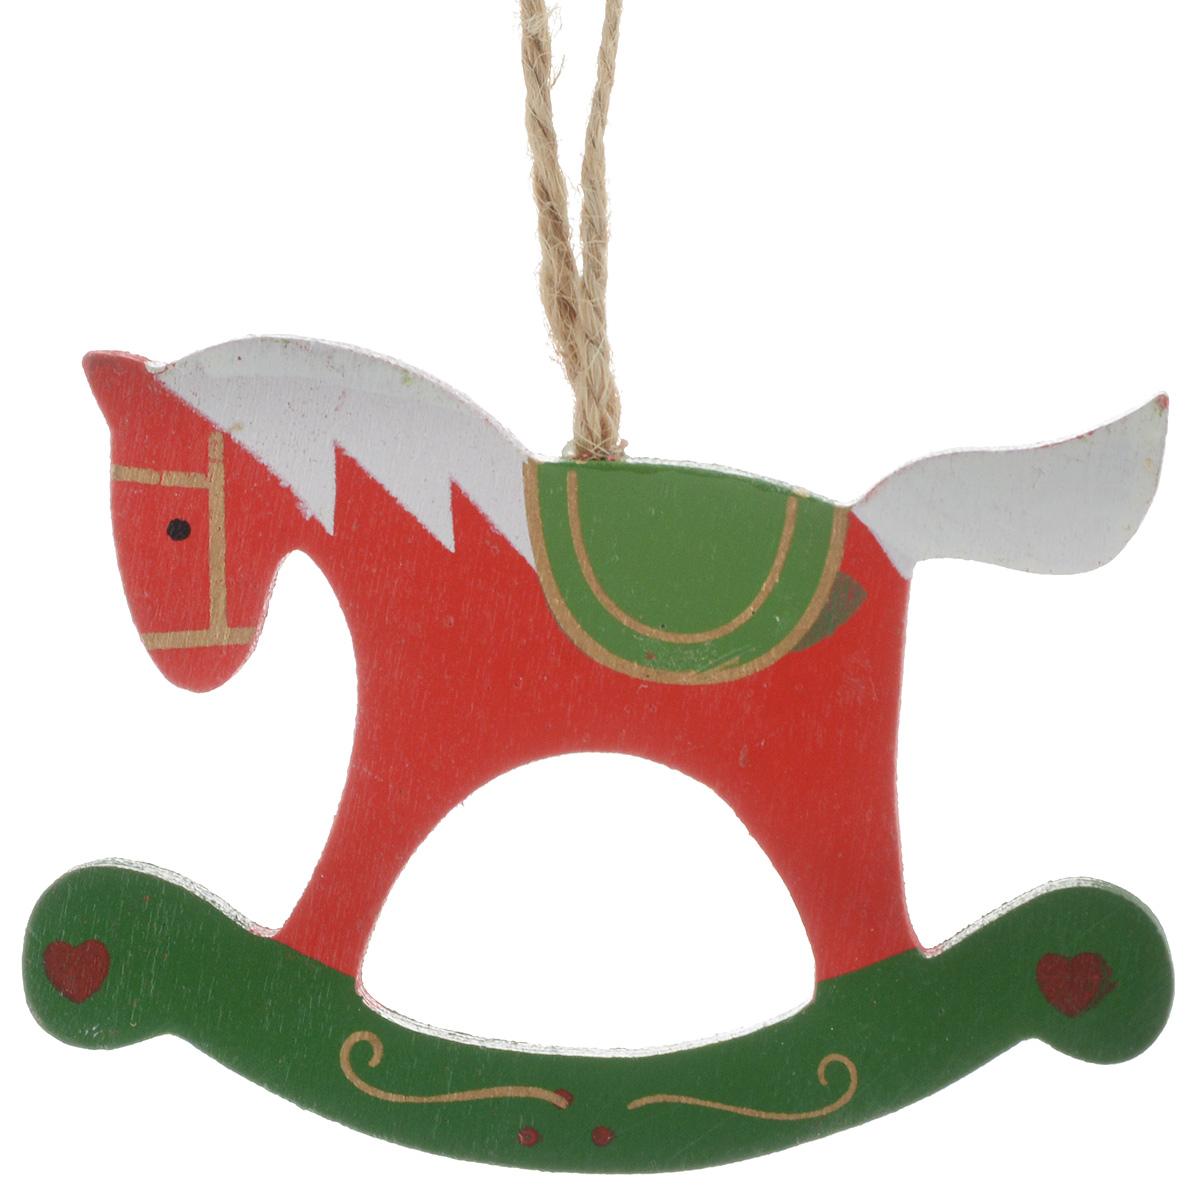 Украшение новогоднее подвесное Winter Wings Лошадка, цвет: красный, белый, зеленый, высота 7,5 смN181318_красный, белый, зеленыйНовогоднее подвесное украшение Winter Wings Лошадка выполнено из дерева. С помощью специальной петельки украшение можно повесить в любом понравившемся вам месте. Но, конечно, удачнее всего оно будет смотреться на праздничной елке.Елочная игрушка - символ Нового года. Она несет в себе волшебство и красоту праздника. Создайте в своем доме атмосферу веселья и радости, украшая новогоднюю елку нарядными игрушками, которые будут из года в год накапливать теплоту воспоминаний. Размер: 10 х 0,6 х 7,5 см.